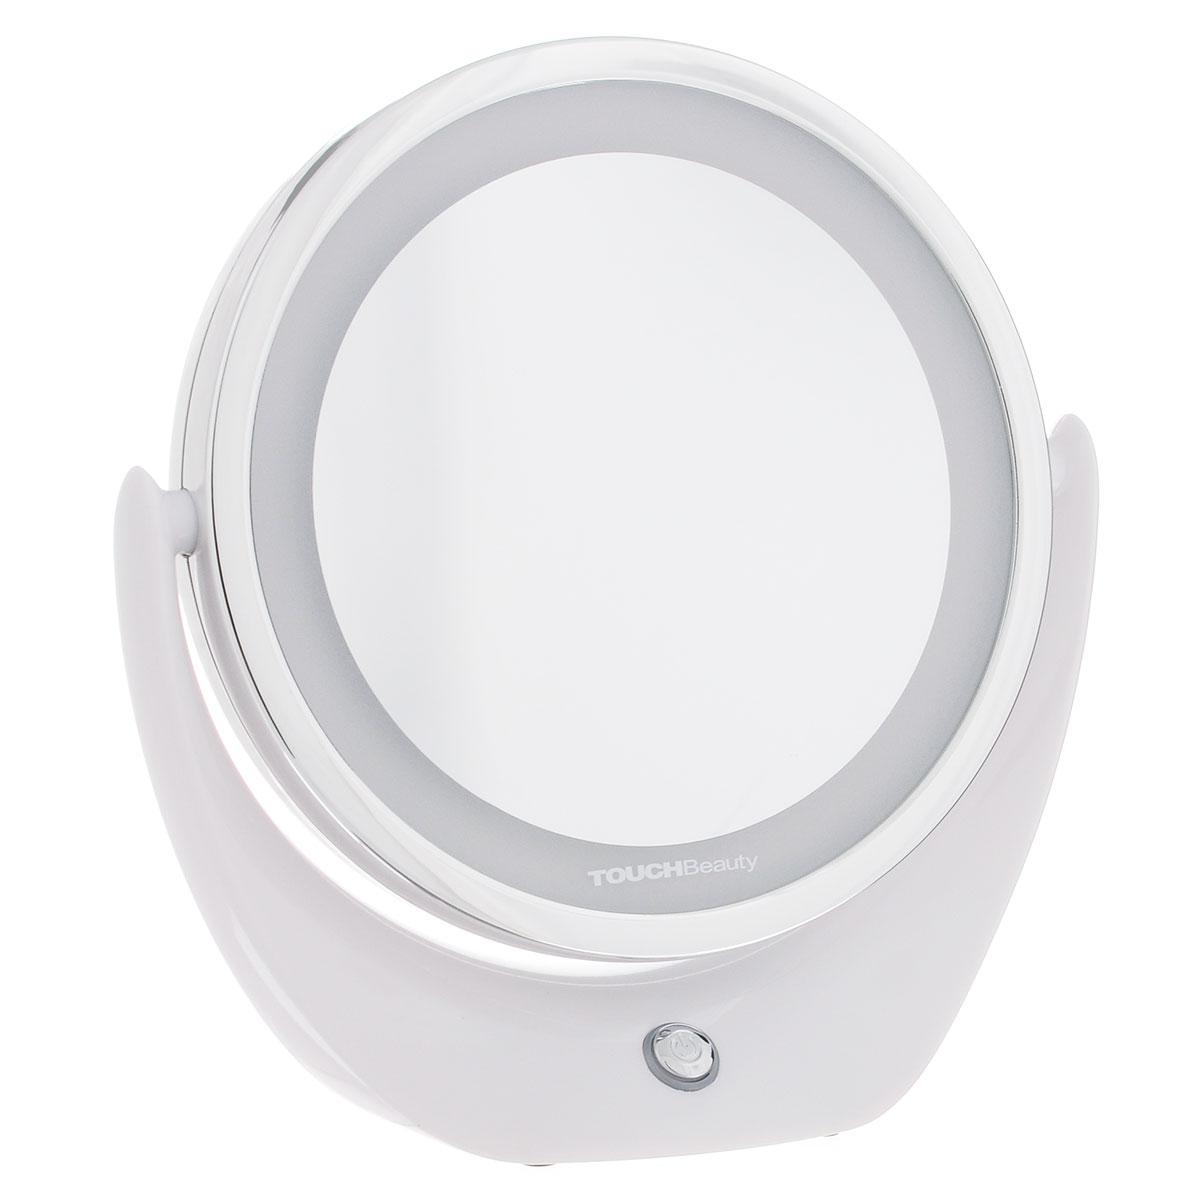 Touchbeauty Настольное двойное зеркало, с подсветкой. AS-1276AS-1276Двустороннее косметическое зеркало со светодиодной подсветкой. Пятикратное увеличение одной из сторон и светодиодная равномерная подсветка создает удобство при уходе за лицом. Компактные размеры зеркала не стесняют пространство. Вращается на 360°. Стильный дизайн. Подсветка работает от USB (USB-провод в комплекте).Товар сертифицирован.